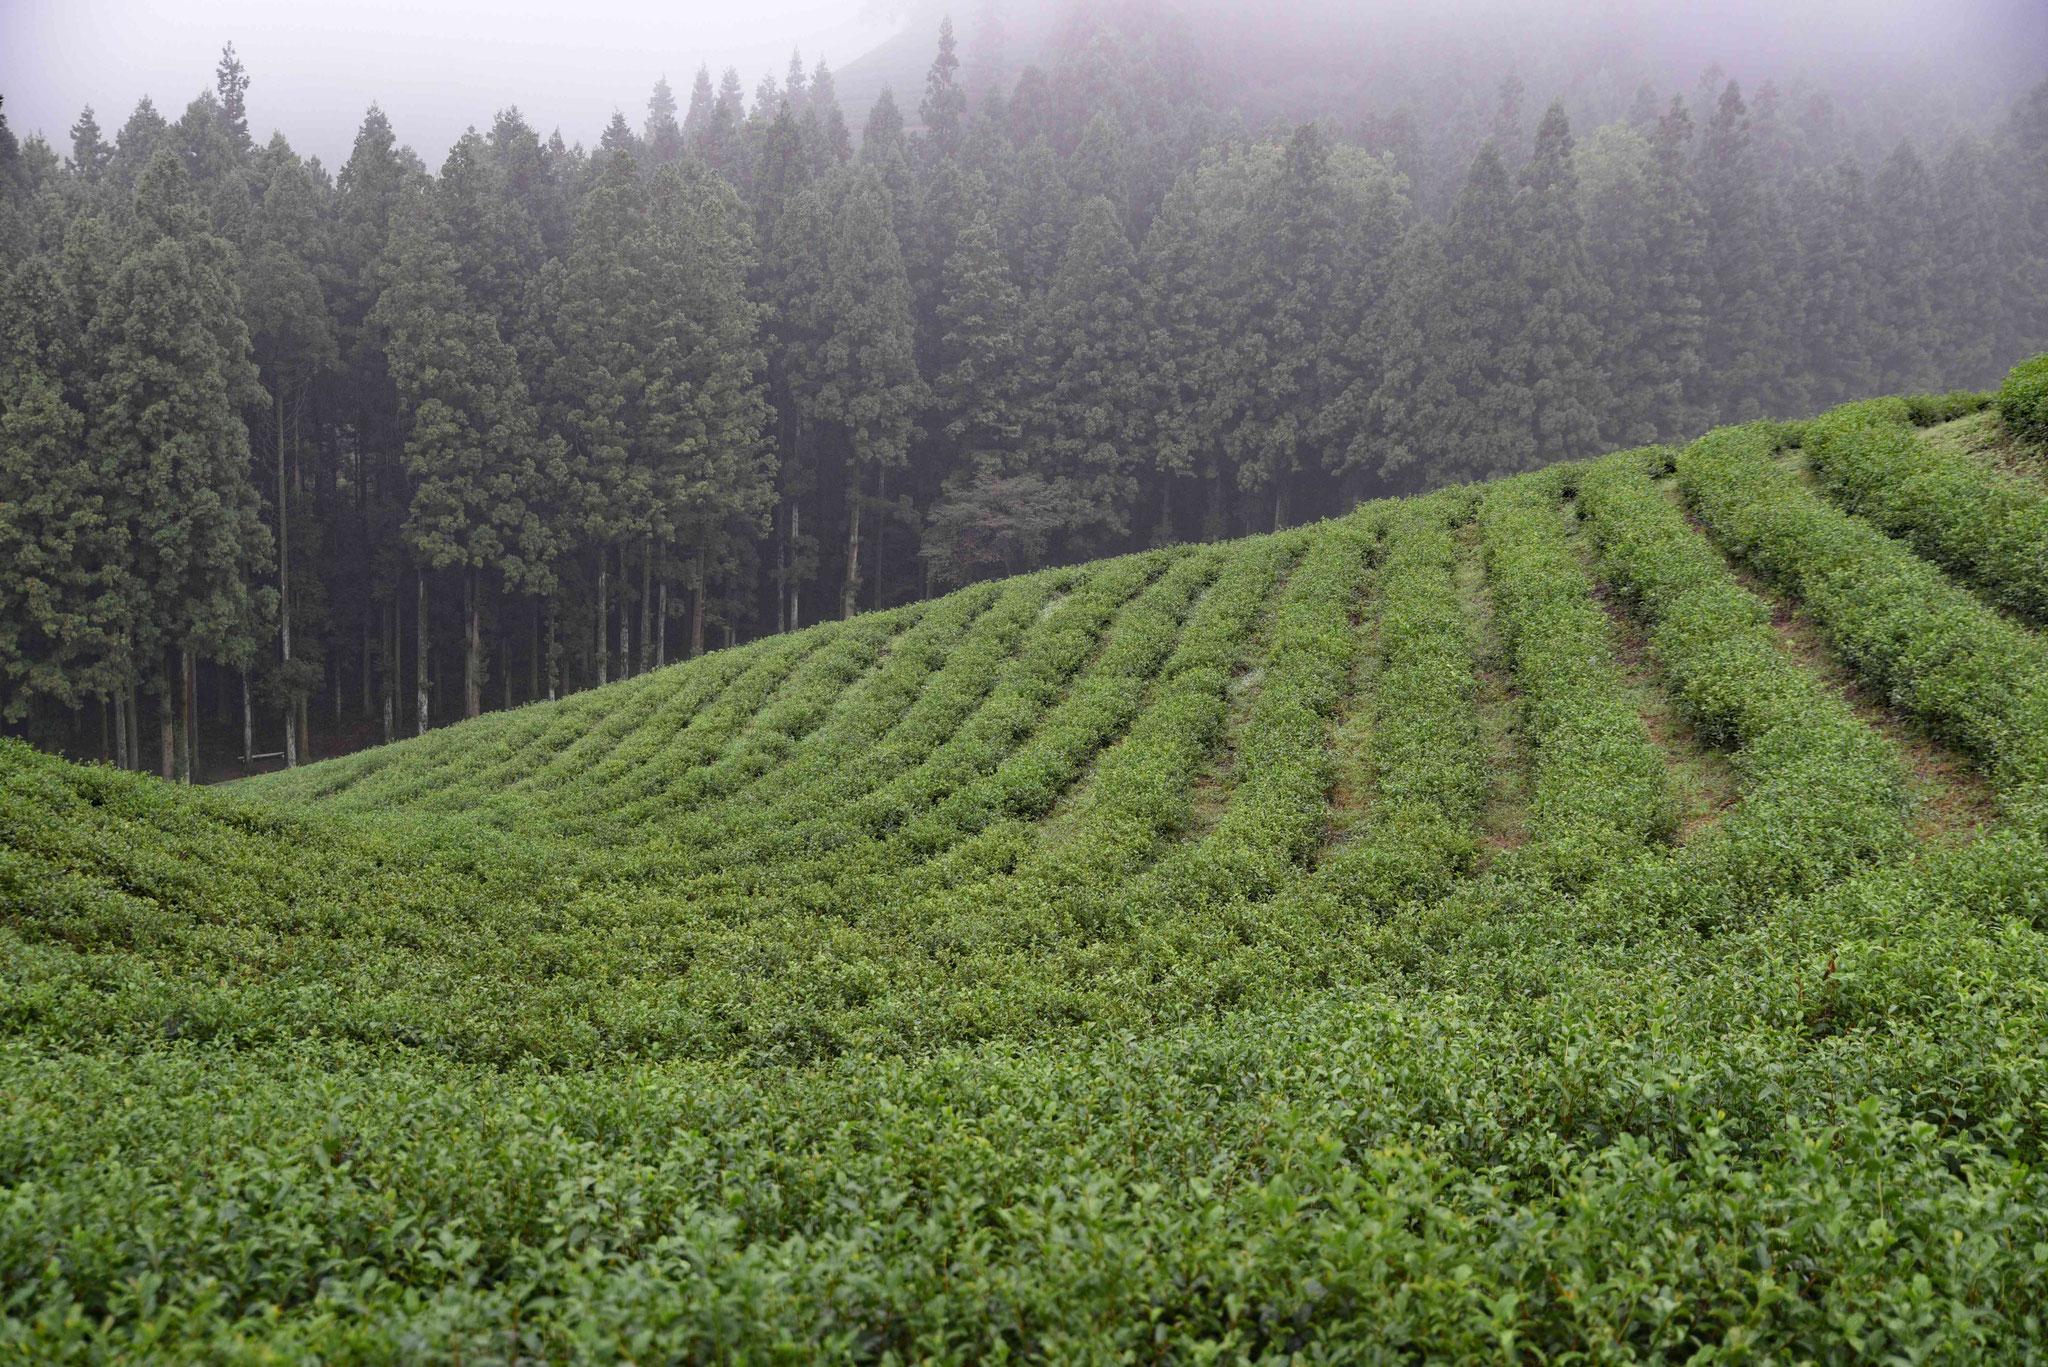 Wieviel Tee hier wohl geerntet wird?